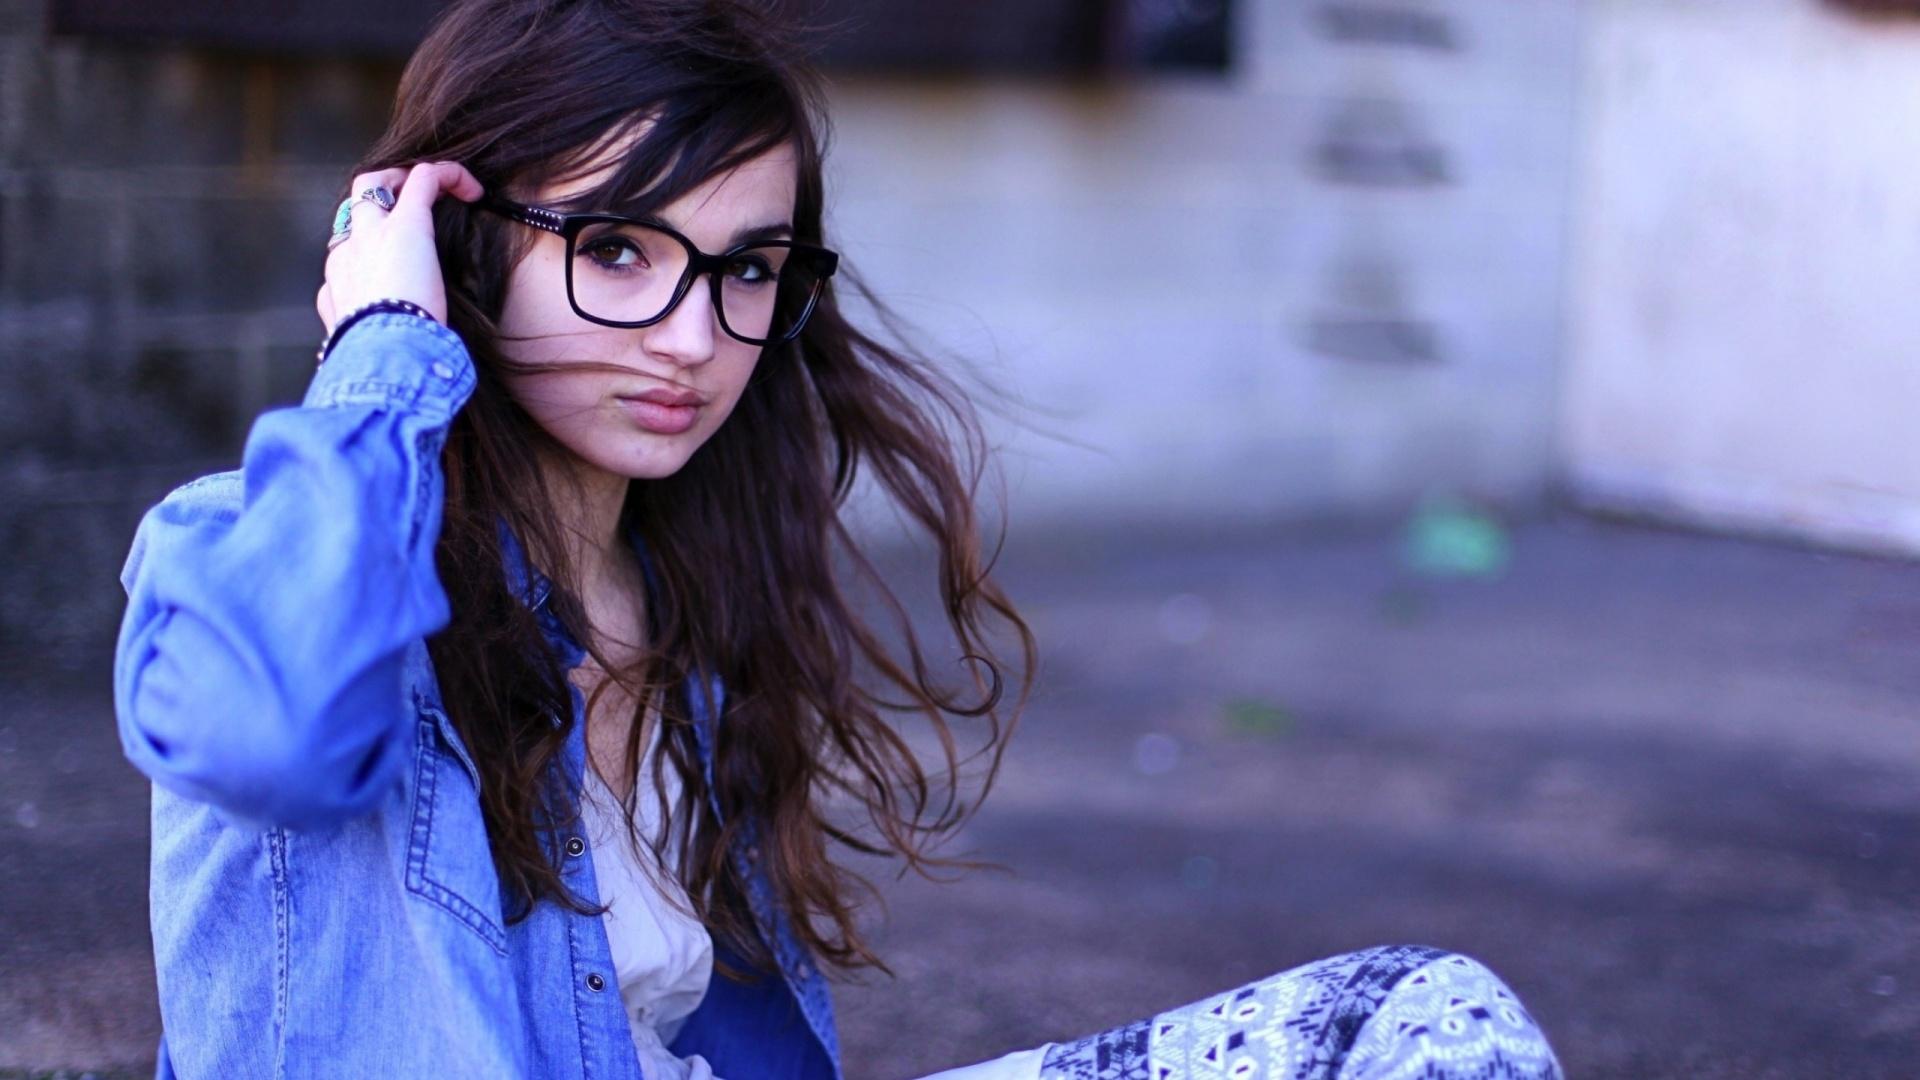 cute girl glasses wallpaper -#main